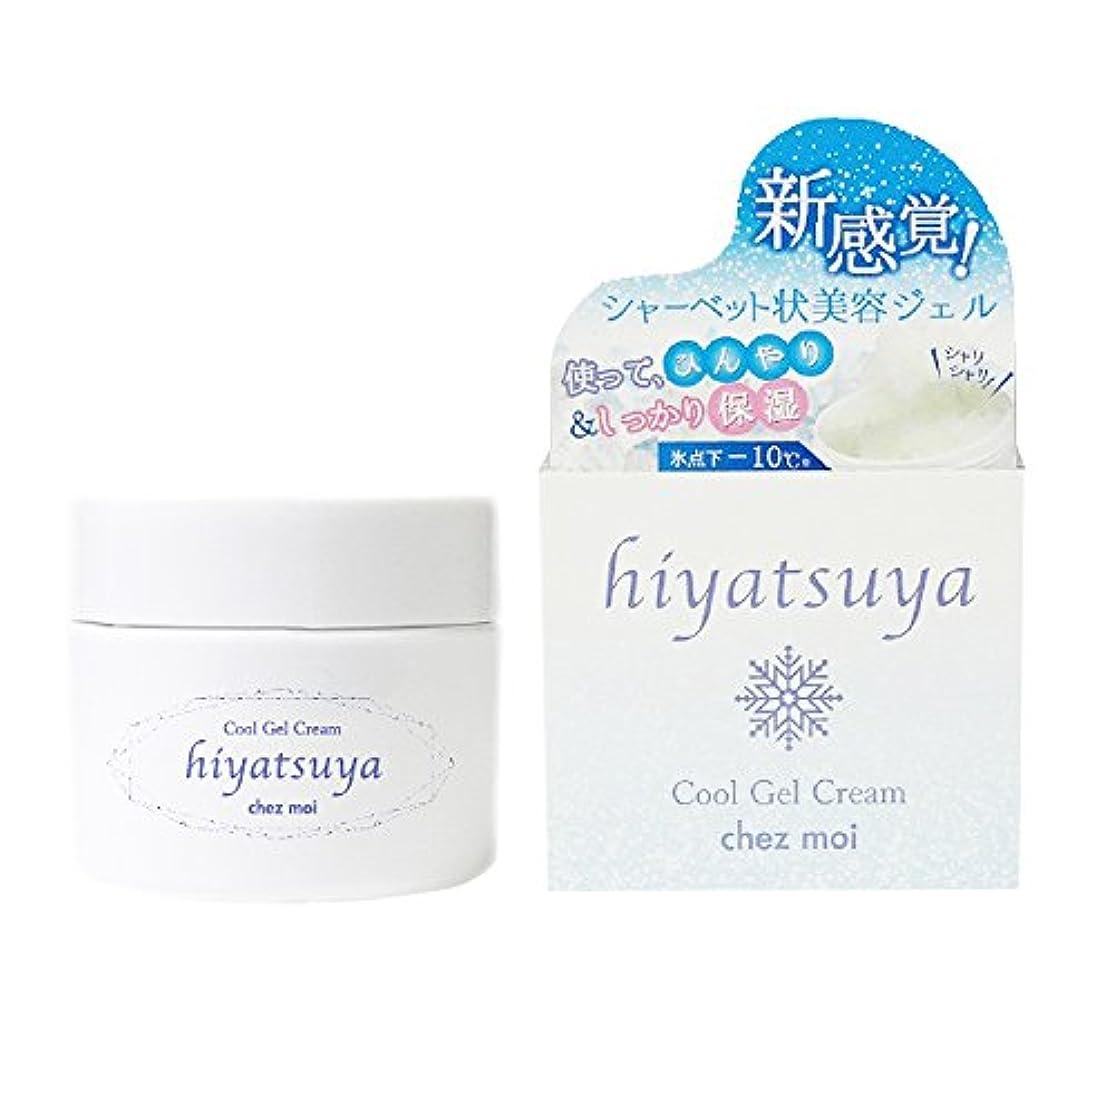 素人ステーキプールシェモア hiyatsuya(ヒヤツヤ) cool gel cream 70g